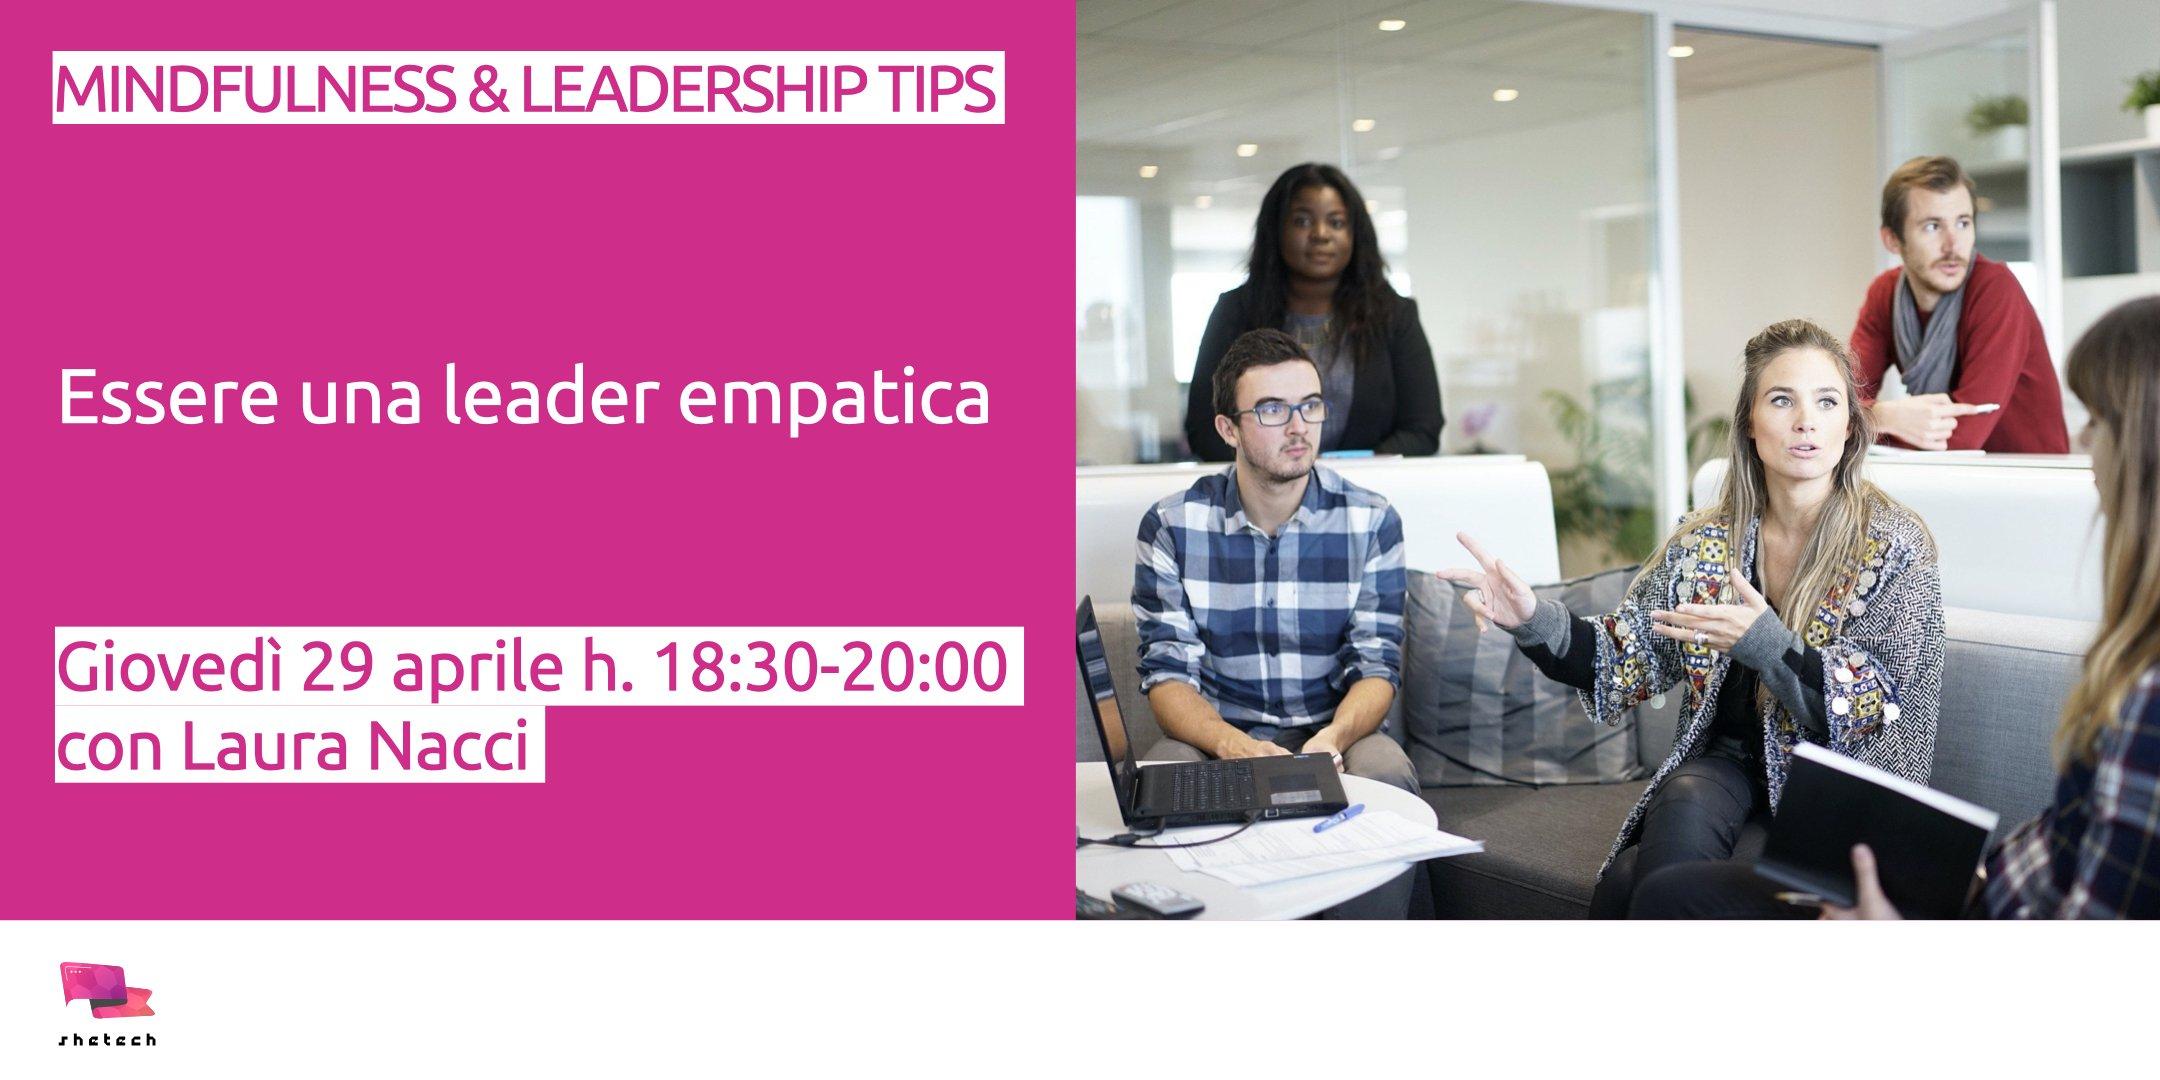 Essere una leader empatica